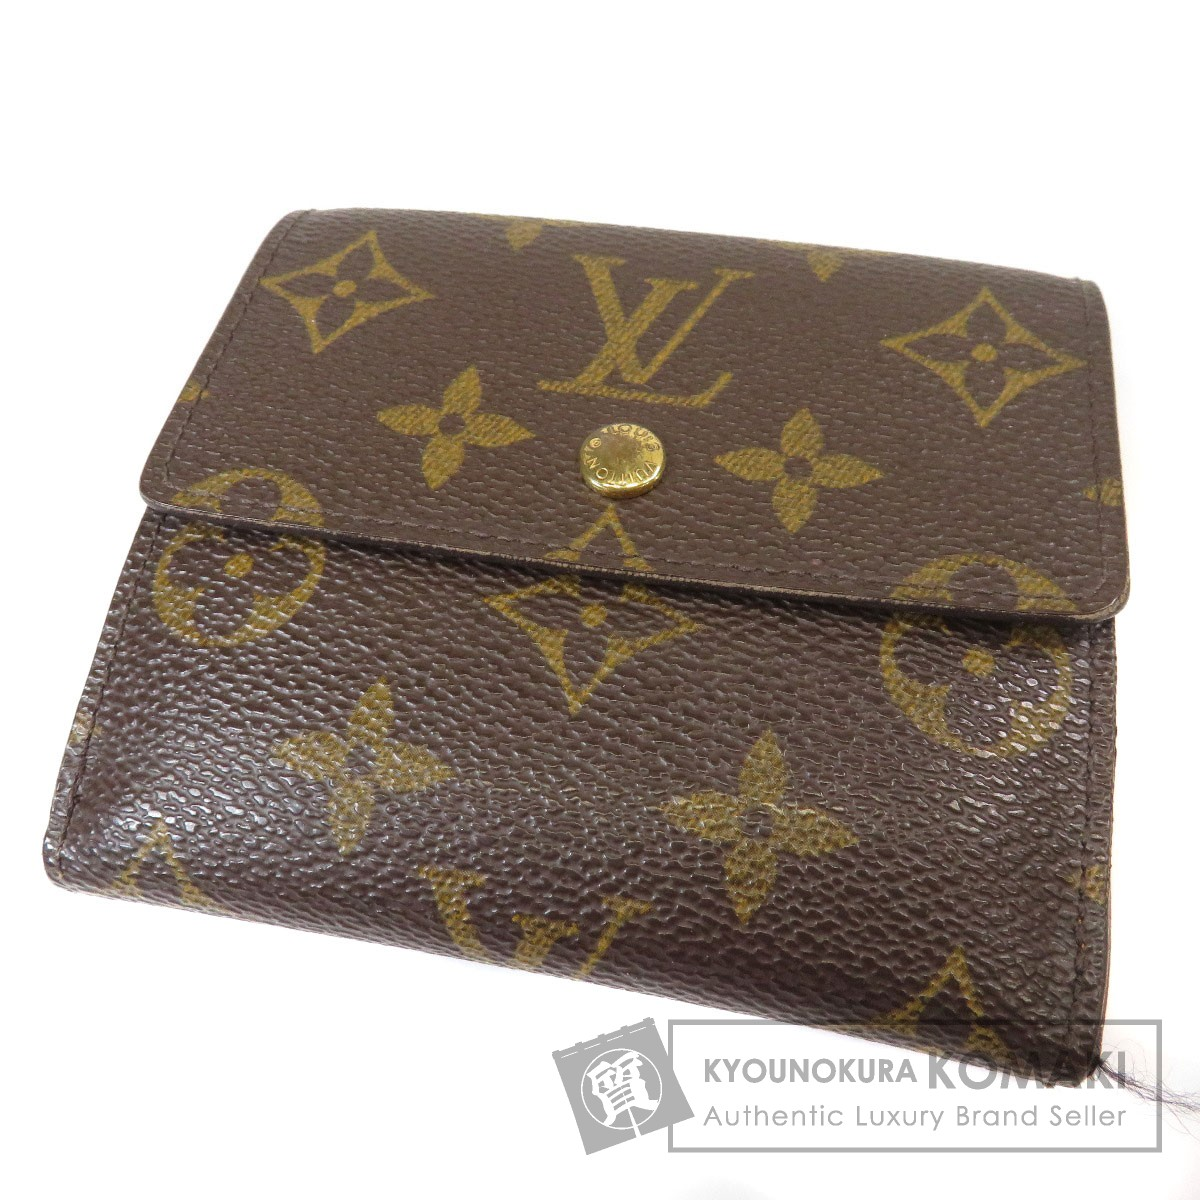 LOUIS VUITTON M61652 ポルトフォイユエリーズ Wホック 二つ折り財布(小銭入れあり) モノグラムキャンバス レディース 【中古】【ルイ・ヴィトン】